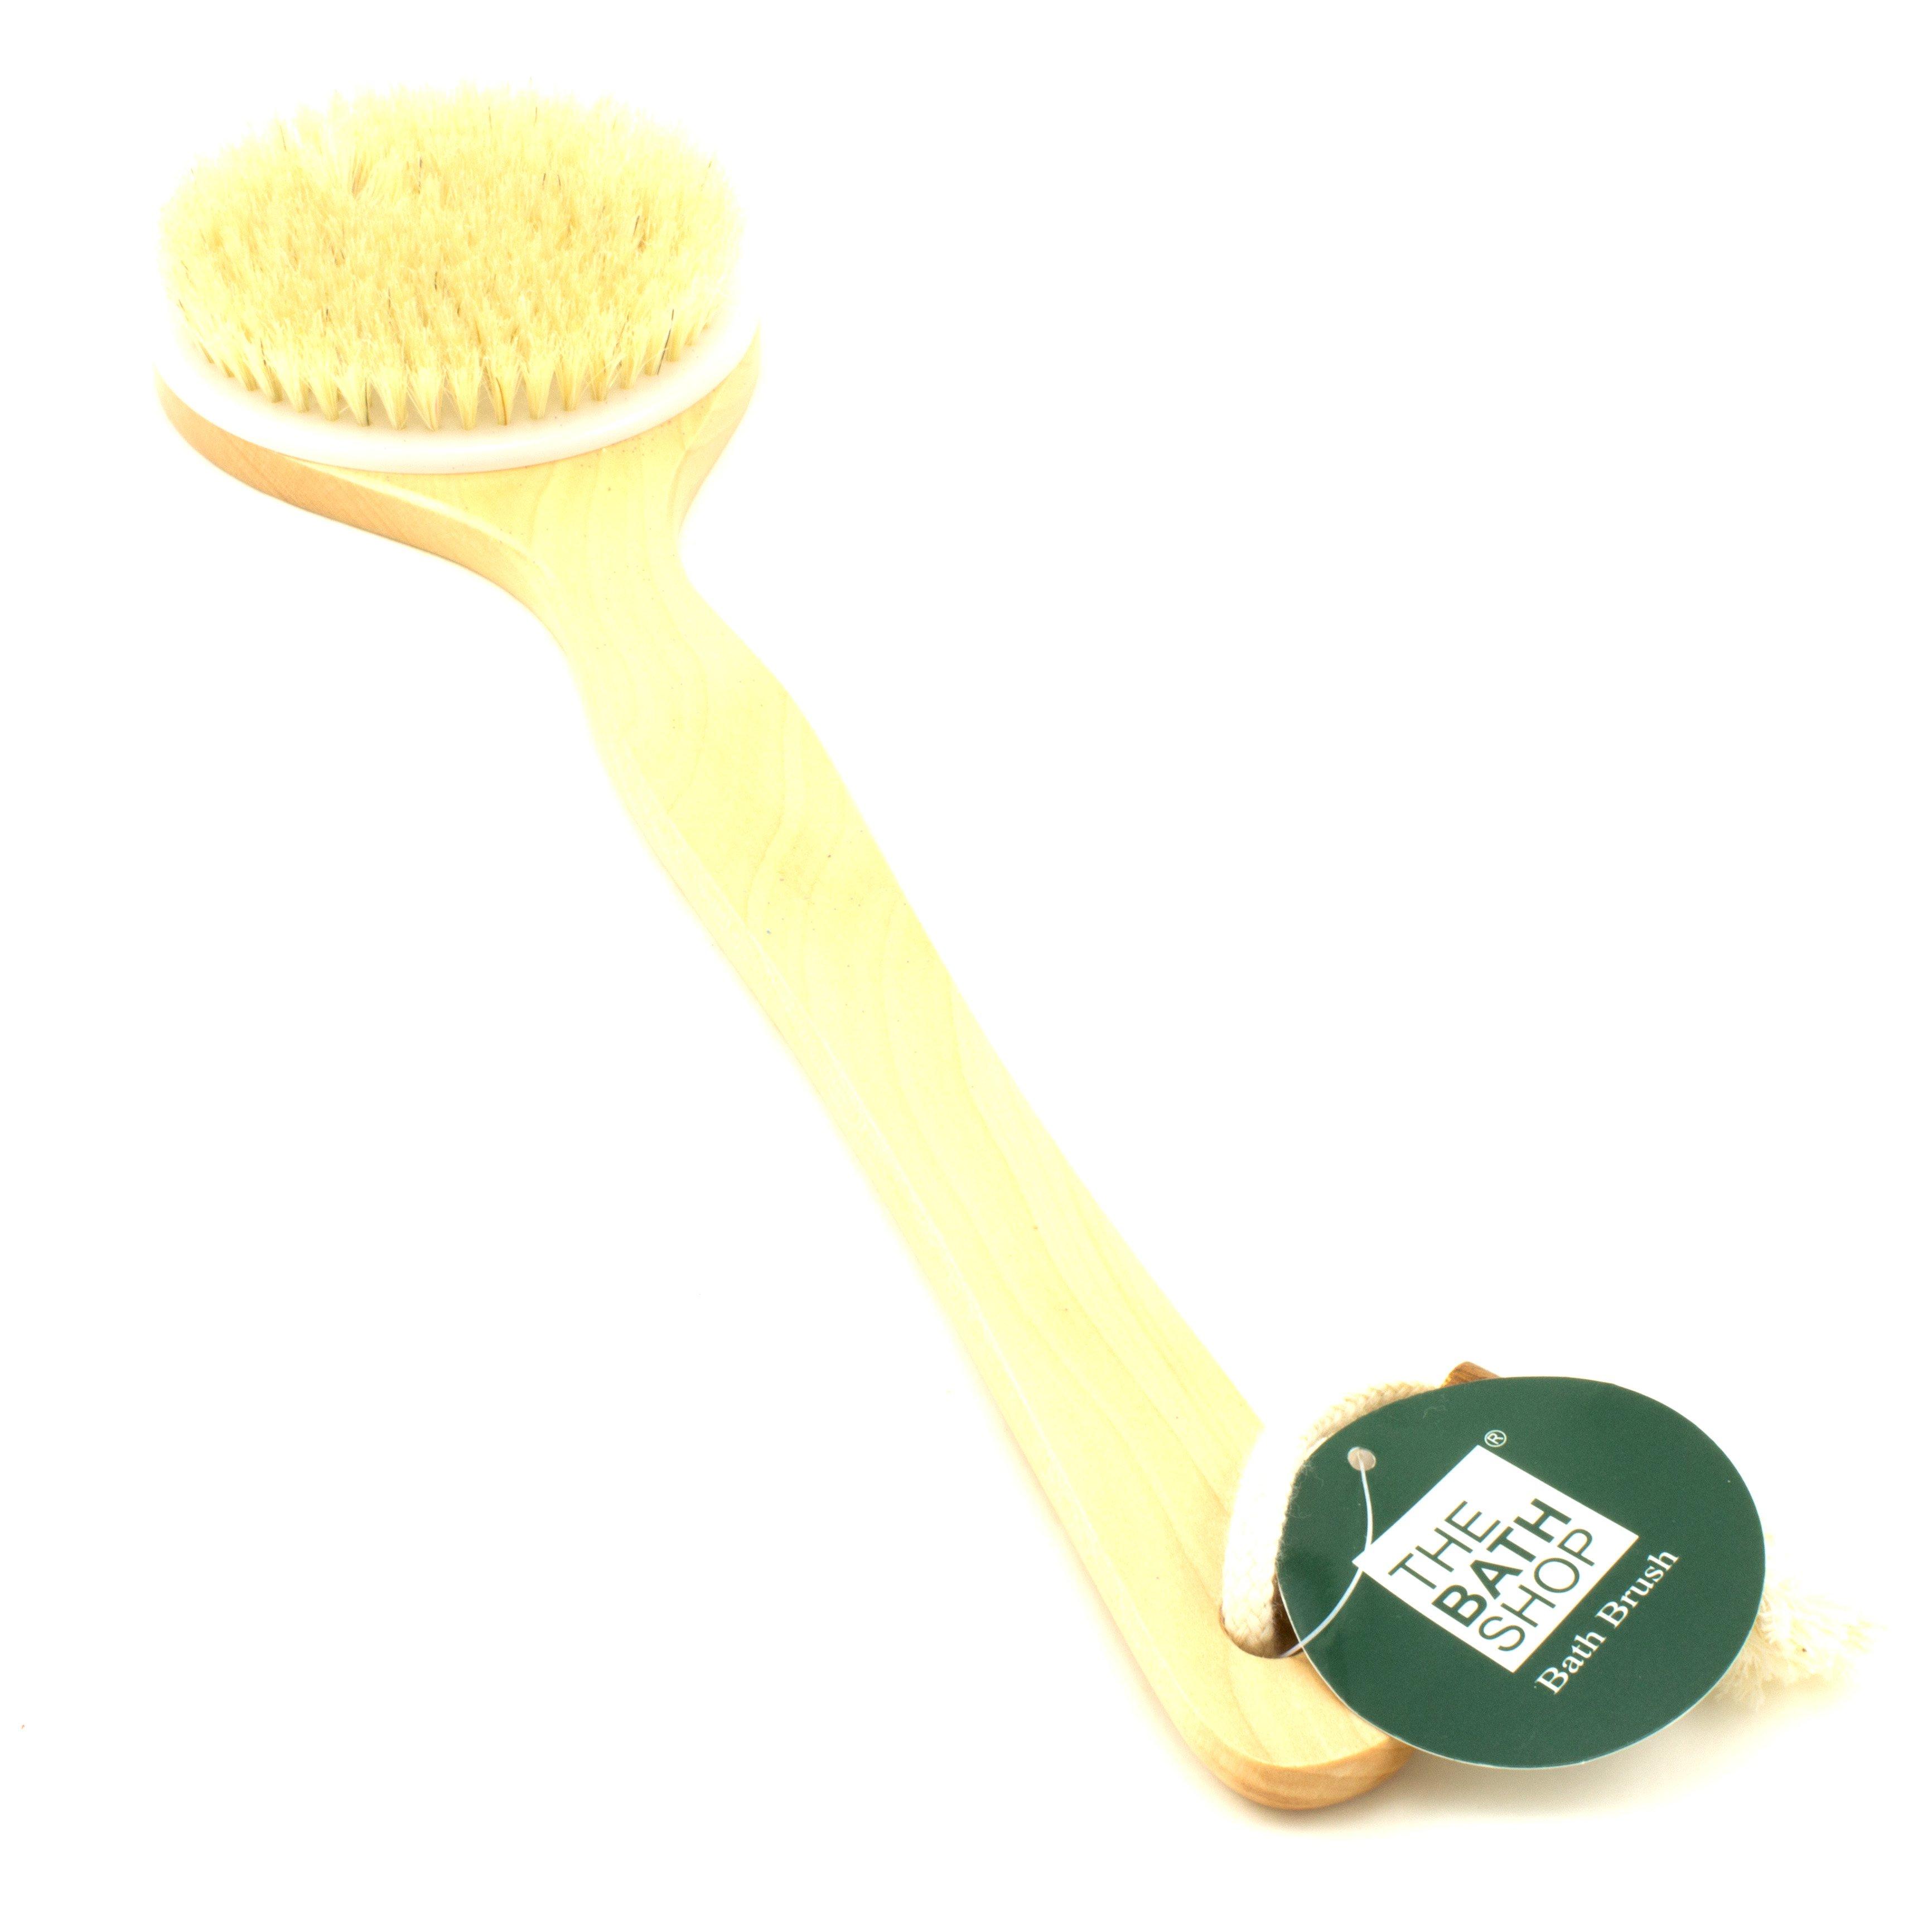 The Bath Shop Bath Brush Shop Accessories At H E B